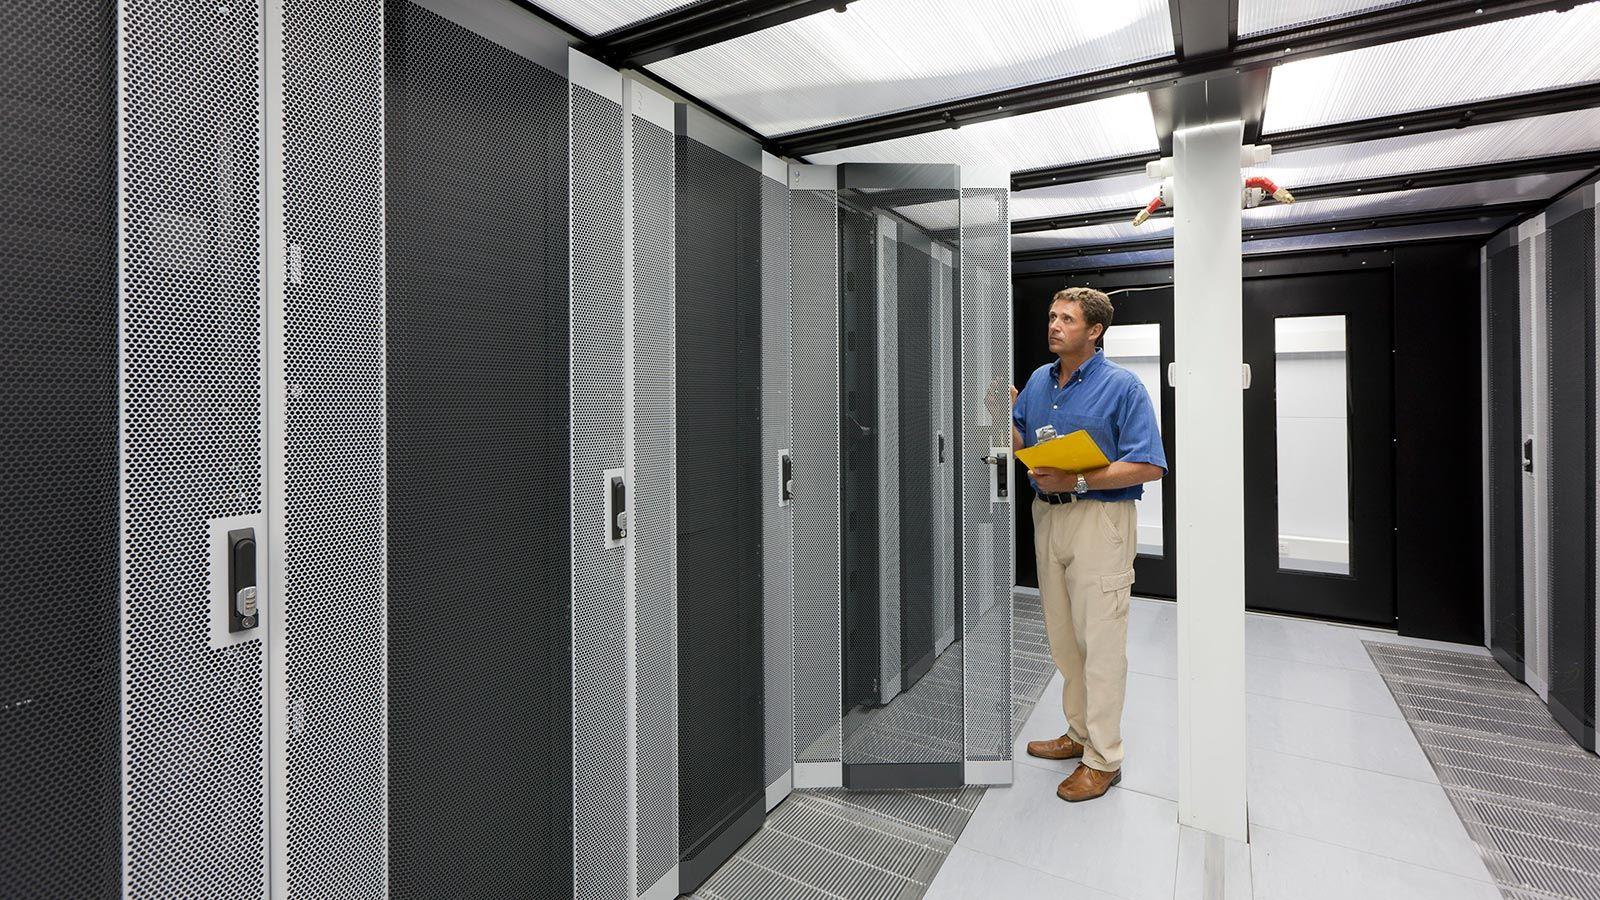 Colt Technology Services Data Centre - Mace Group